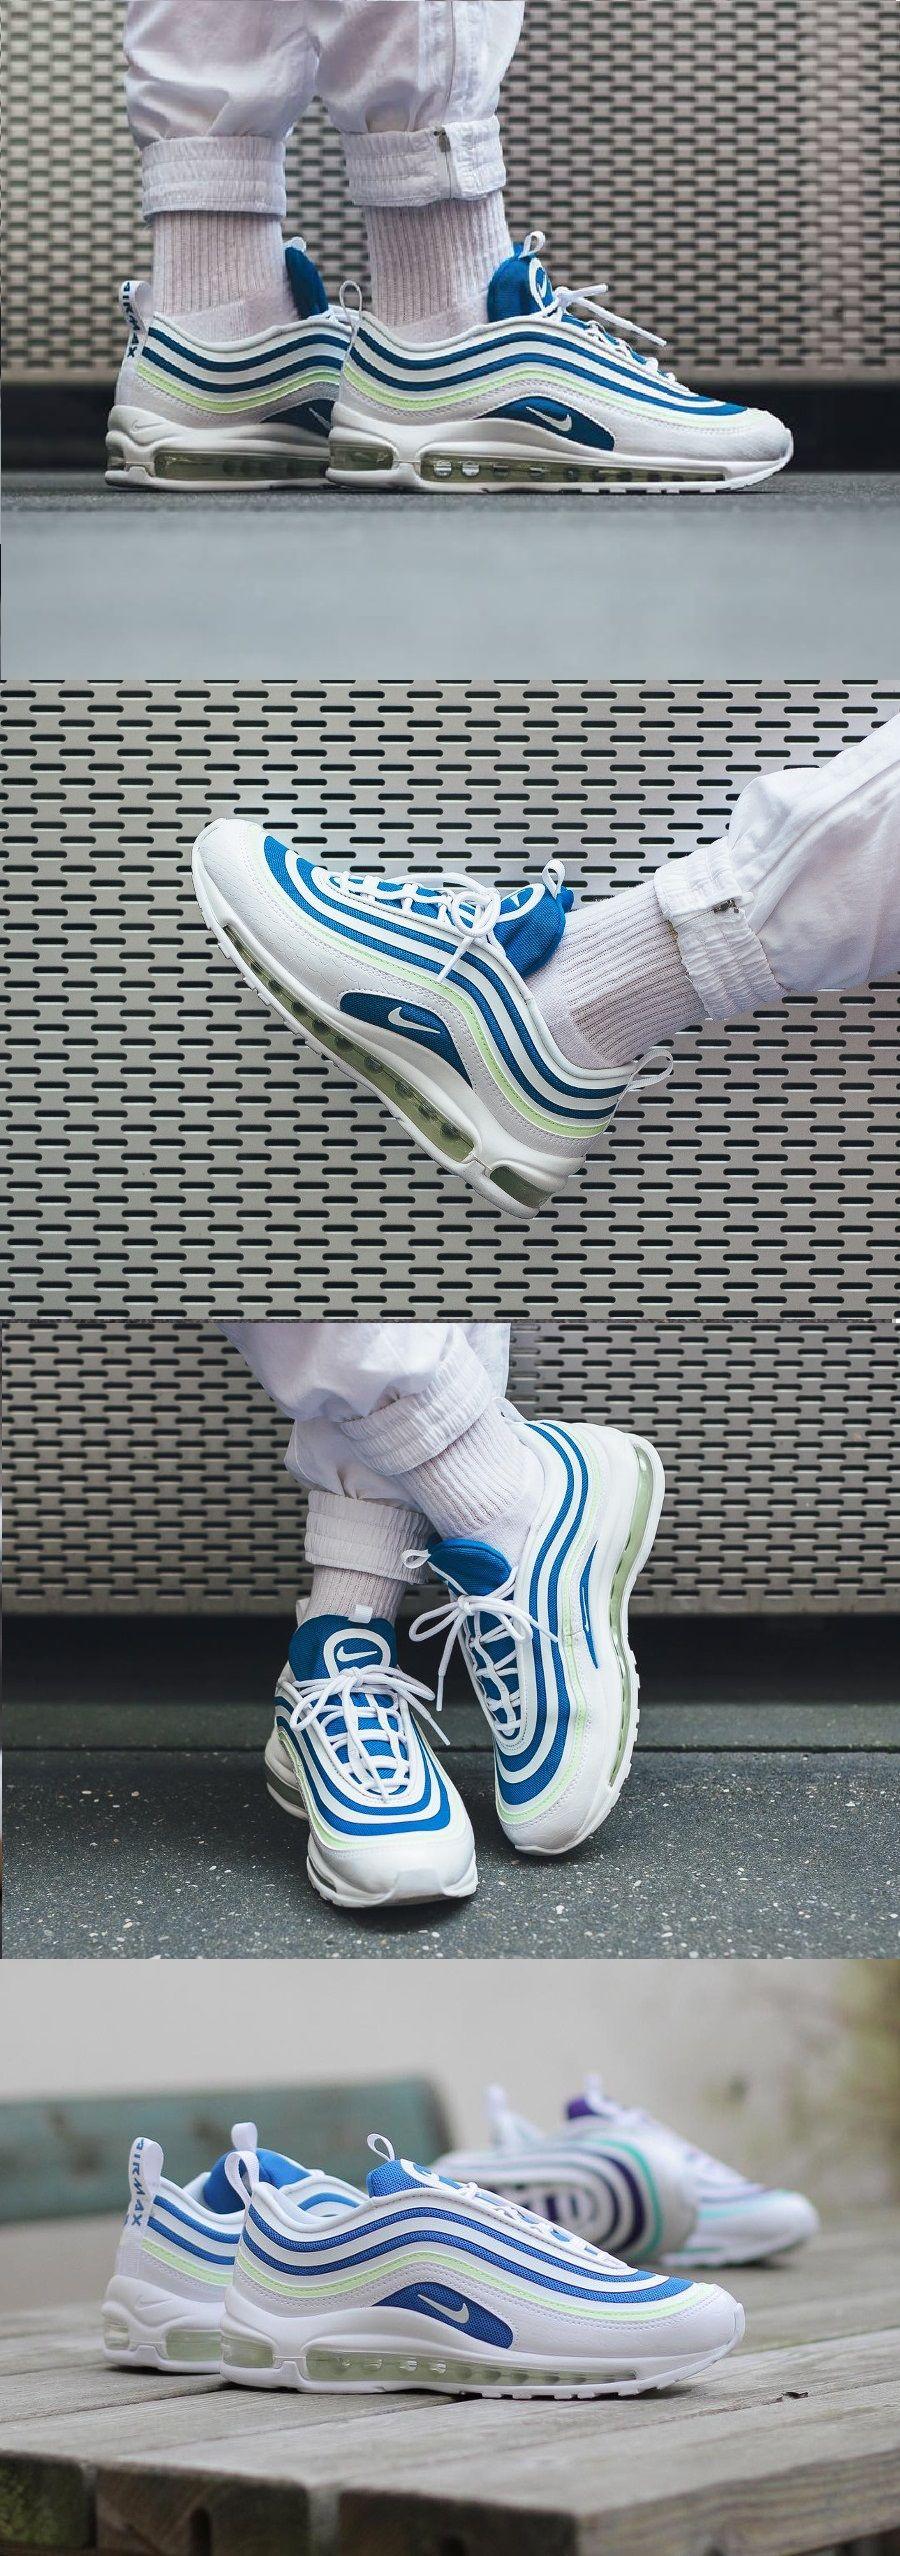 1b3db16e9e Nike #Wmns #Air #Max 97 Ultra 17 #Sprite   Airmax Only!   Adidas ...